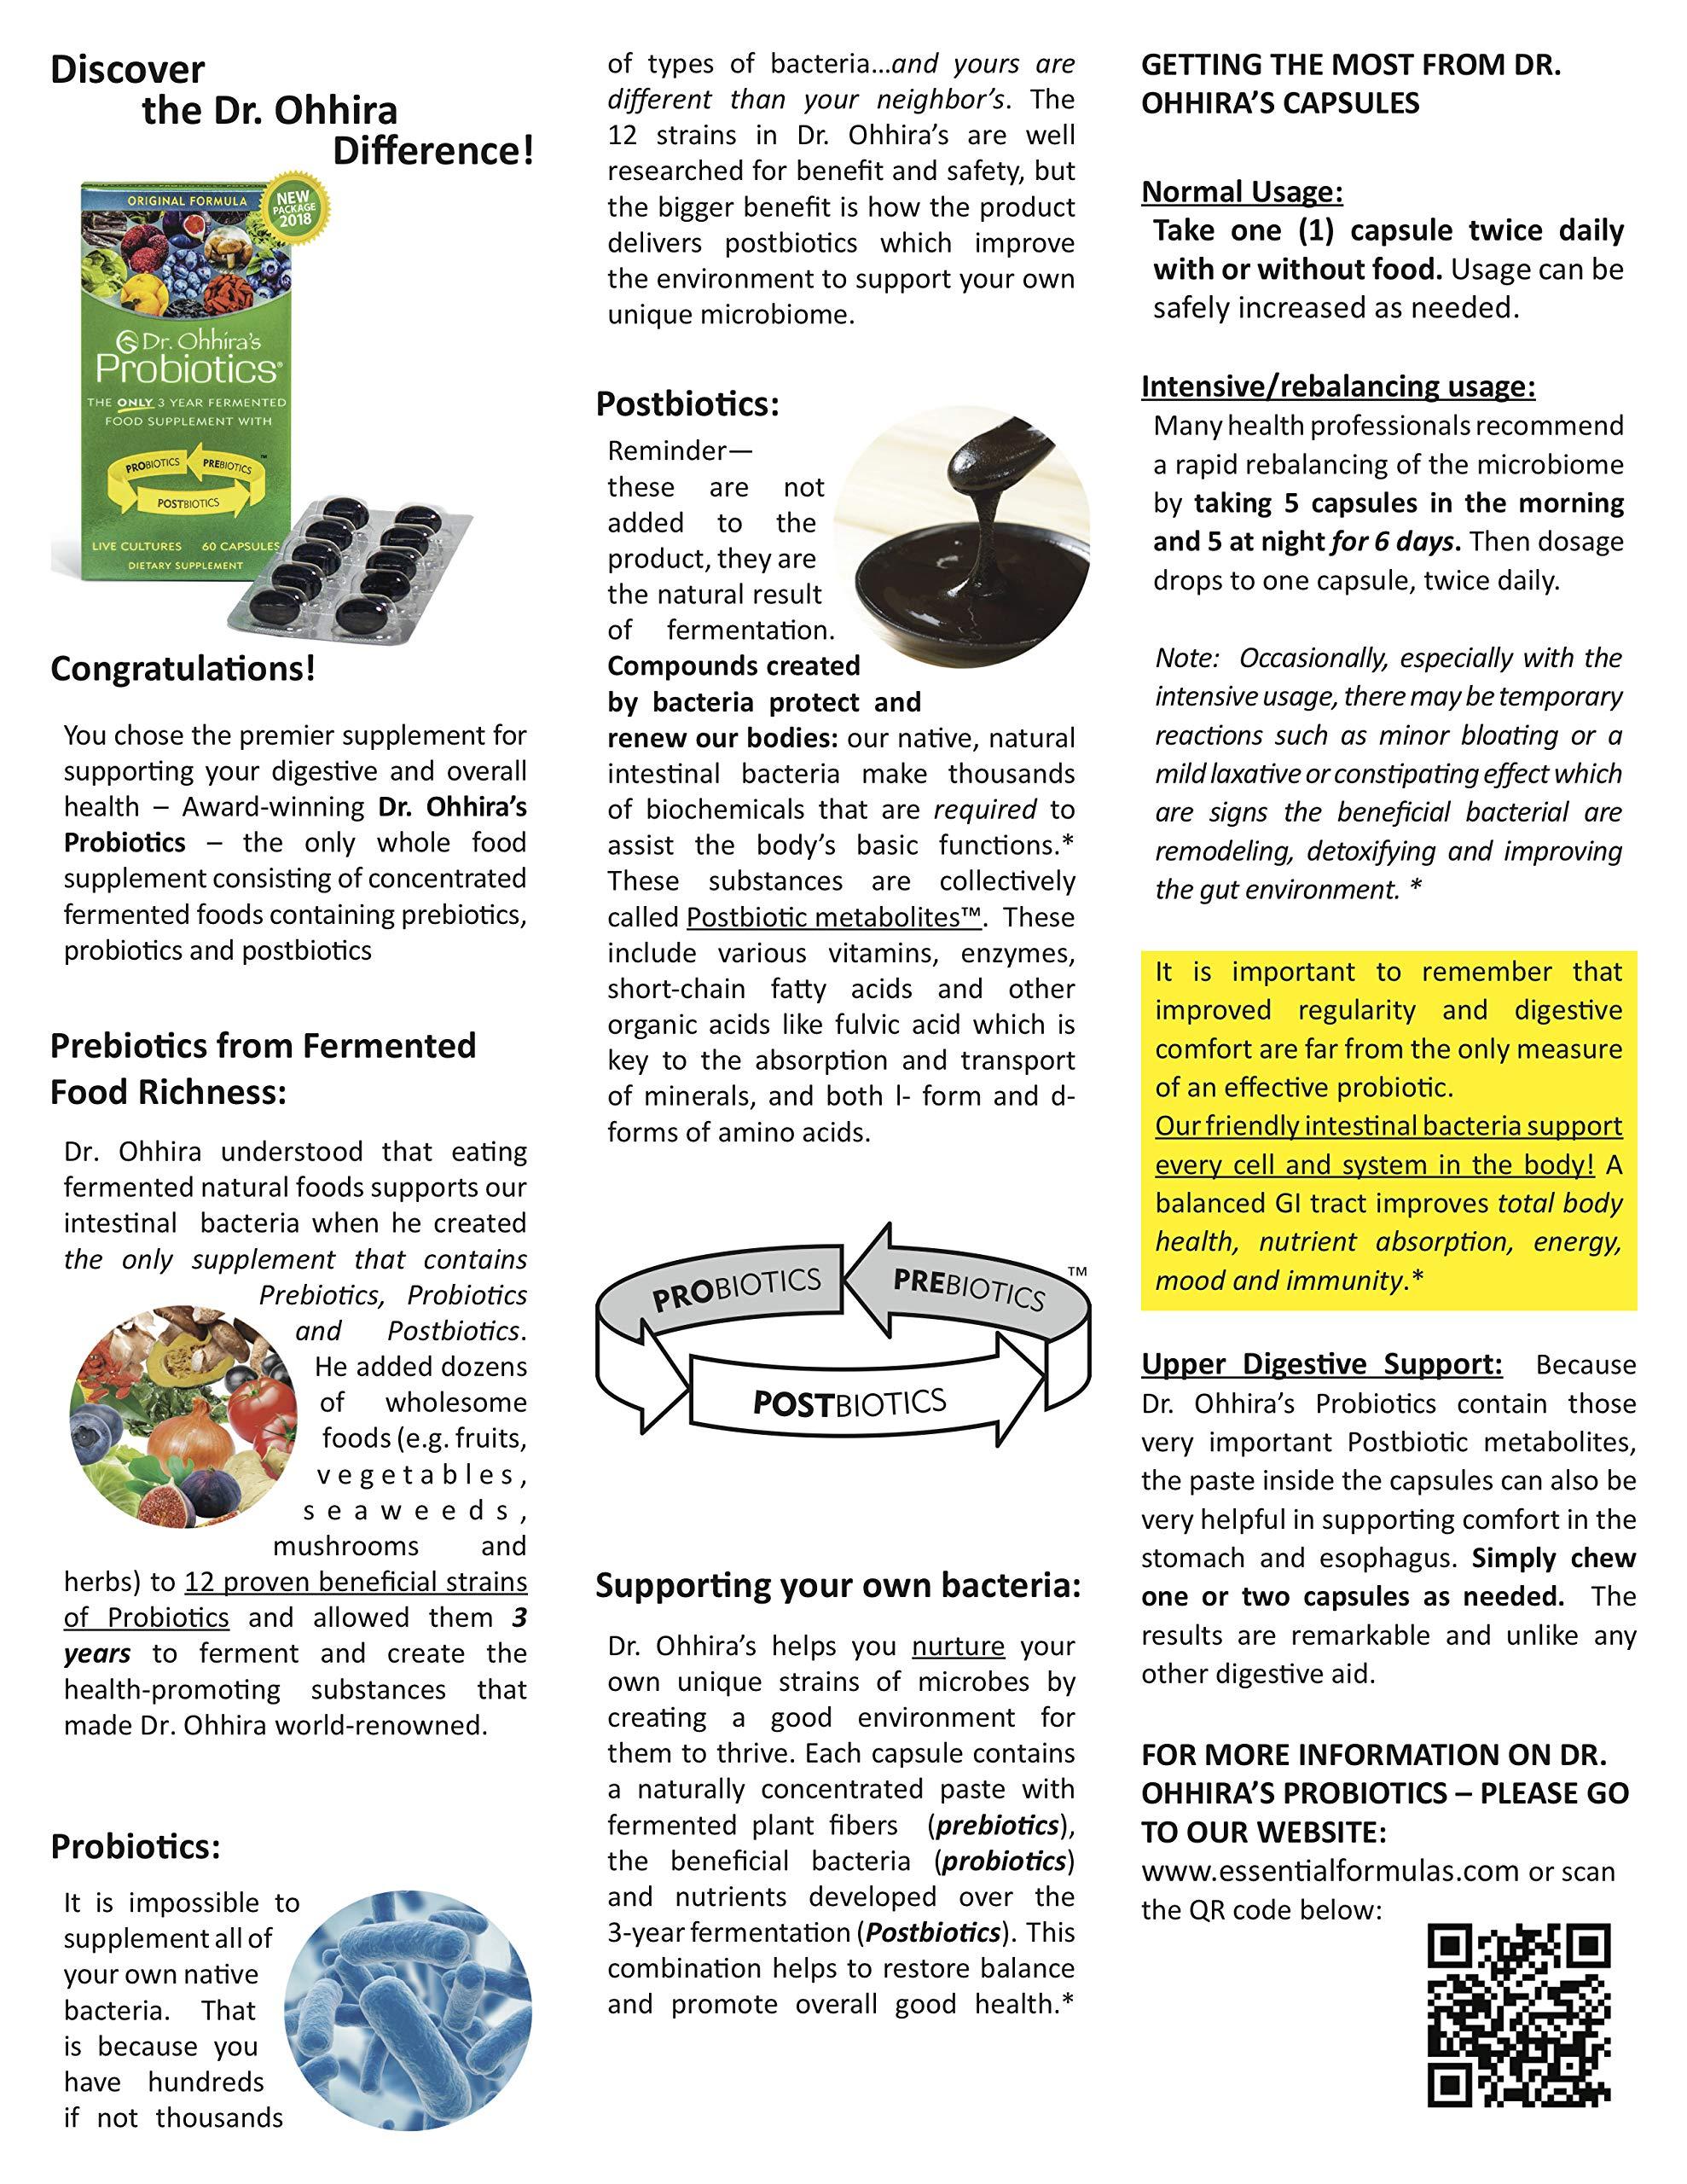 Dr. Ohhira's Probiotics, Original Formula, 60 Caps with Bonus 10 Capsule Travel Pack by Essential Formulas (Image #6)